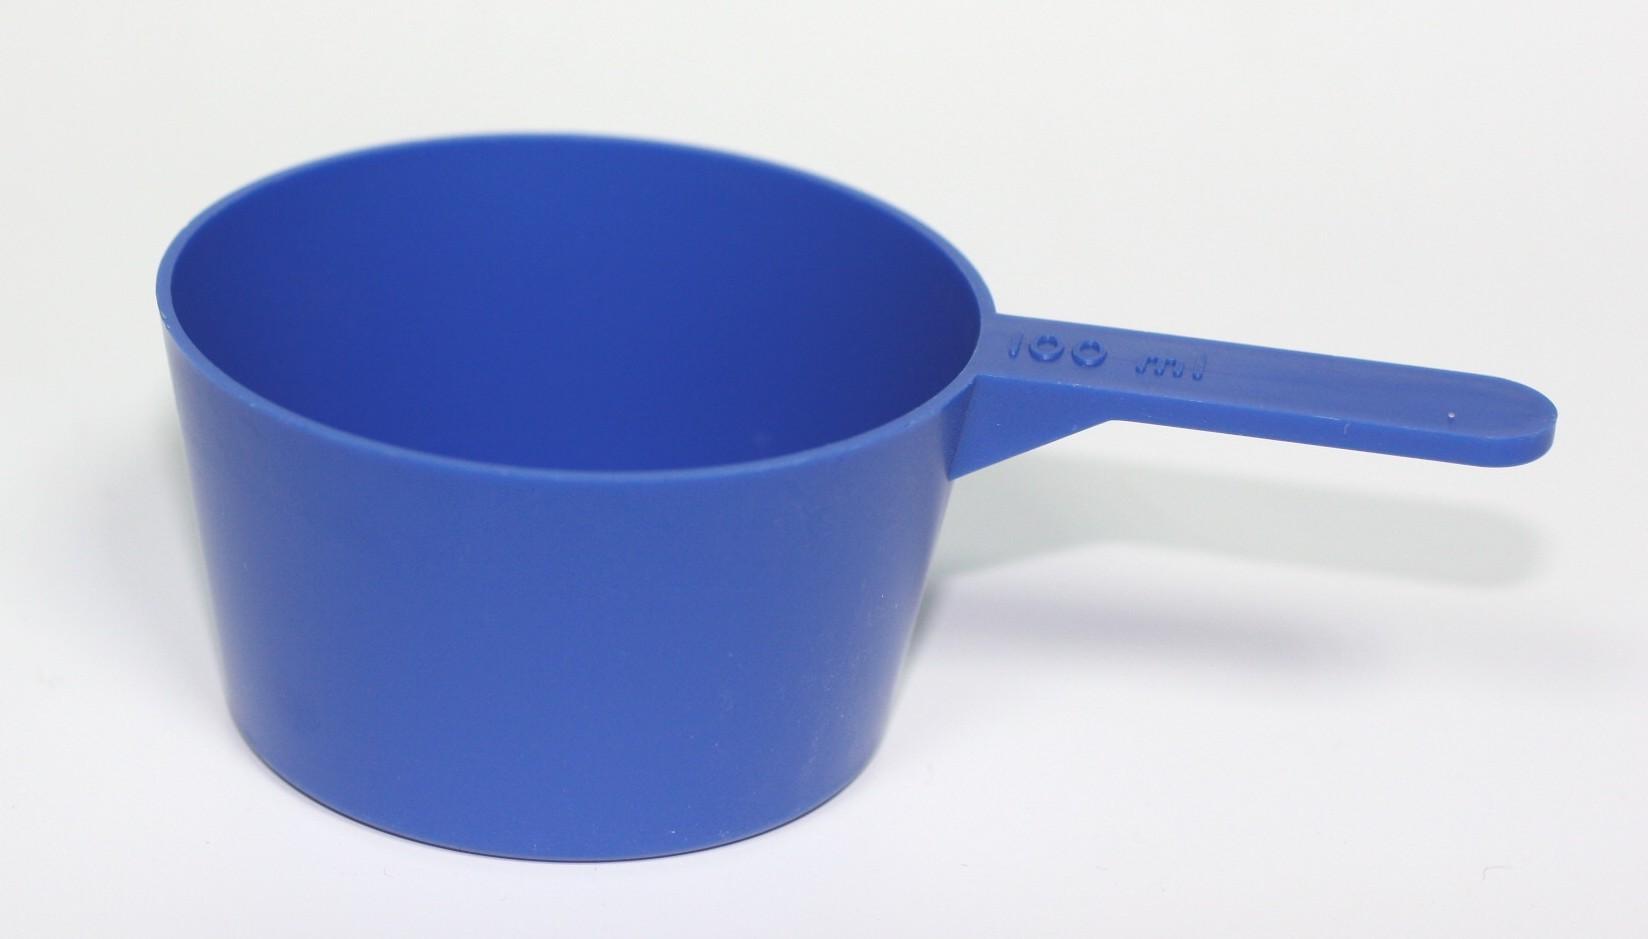 100ml MEAS SCOOPS BLUE